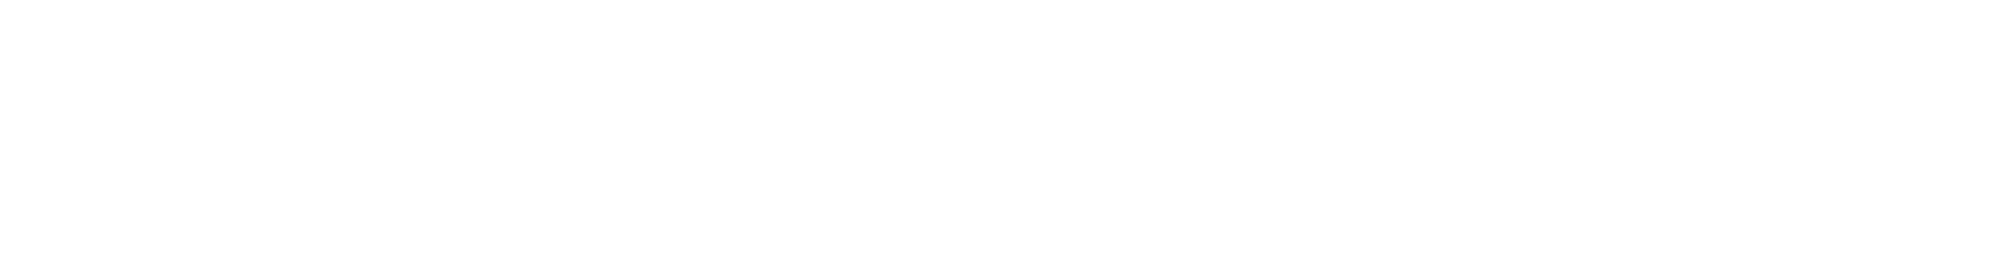 Side FIRE ~自由に泳ぐBlog~